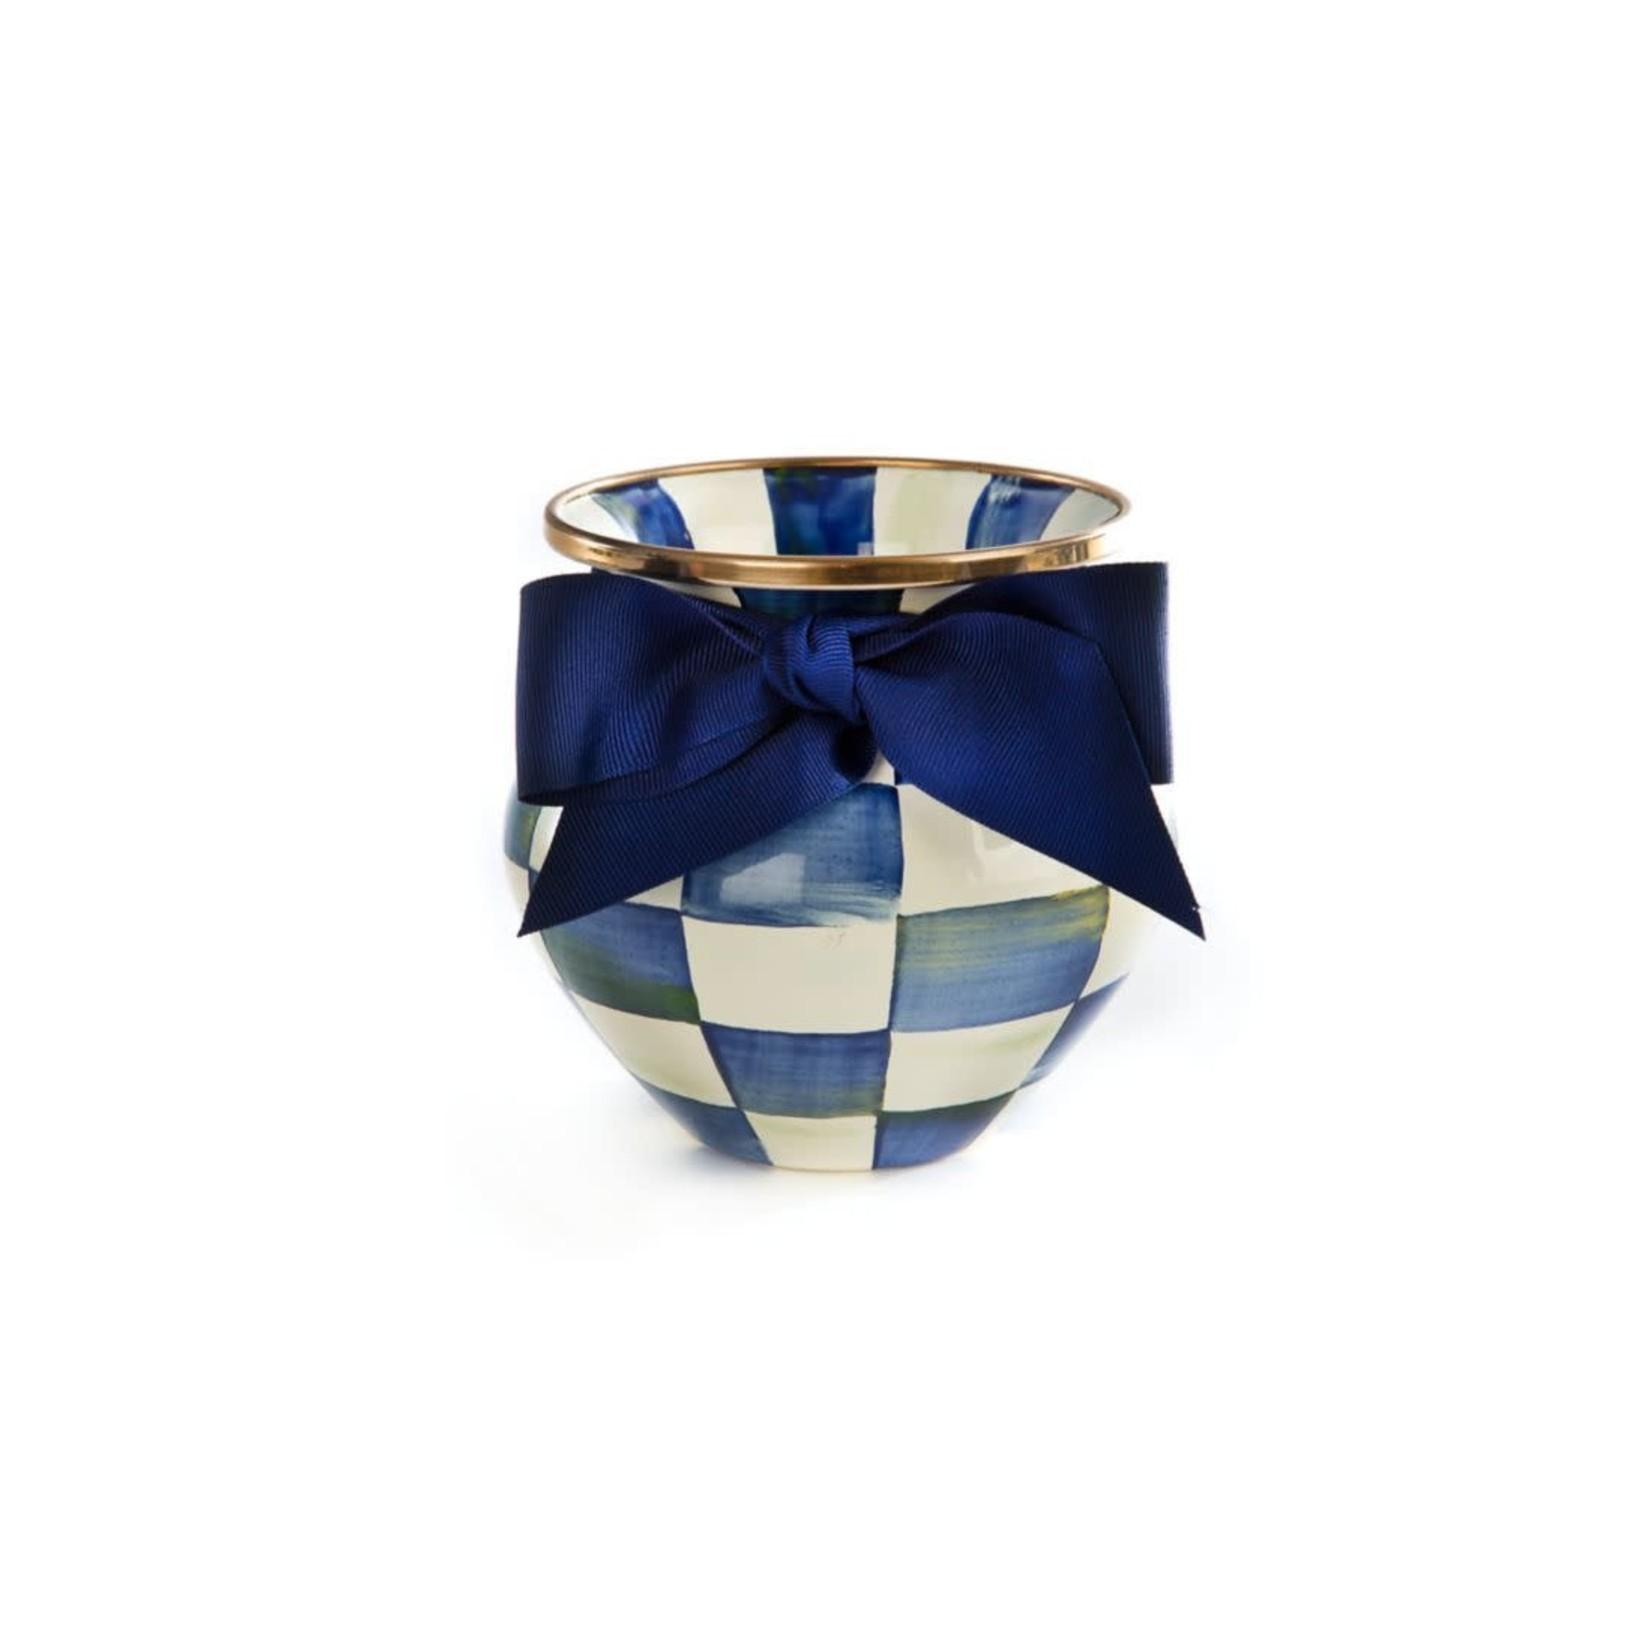 MacKenzie Childs Royal Check Vase